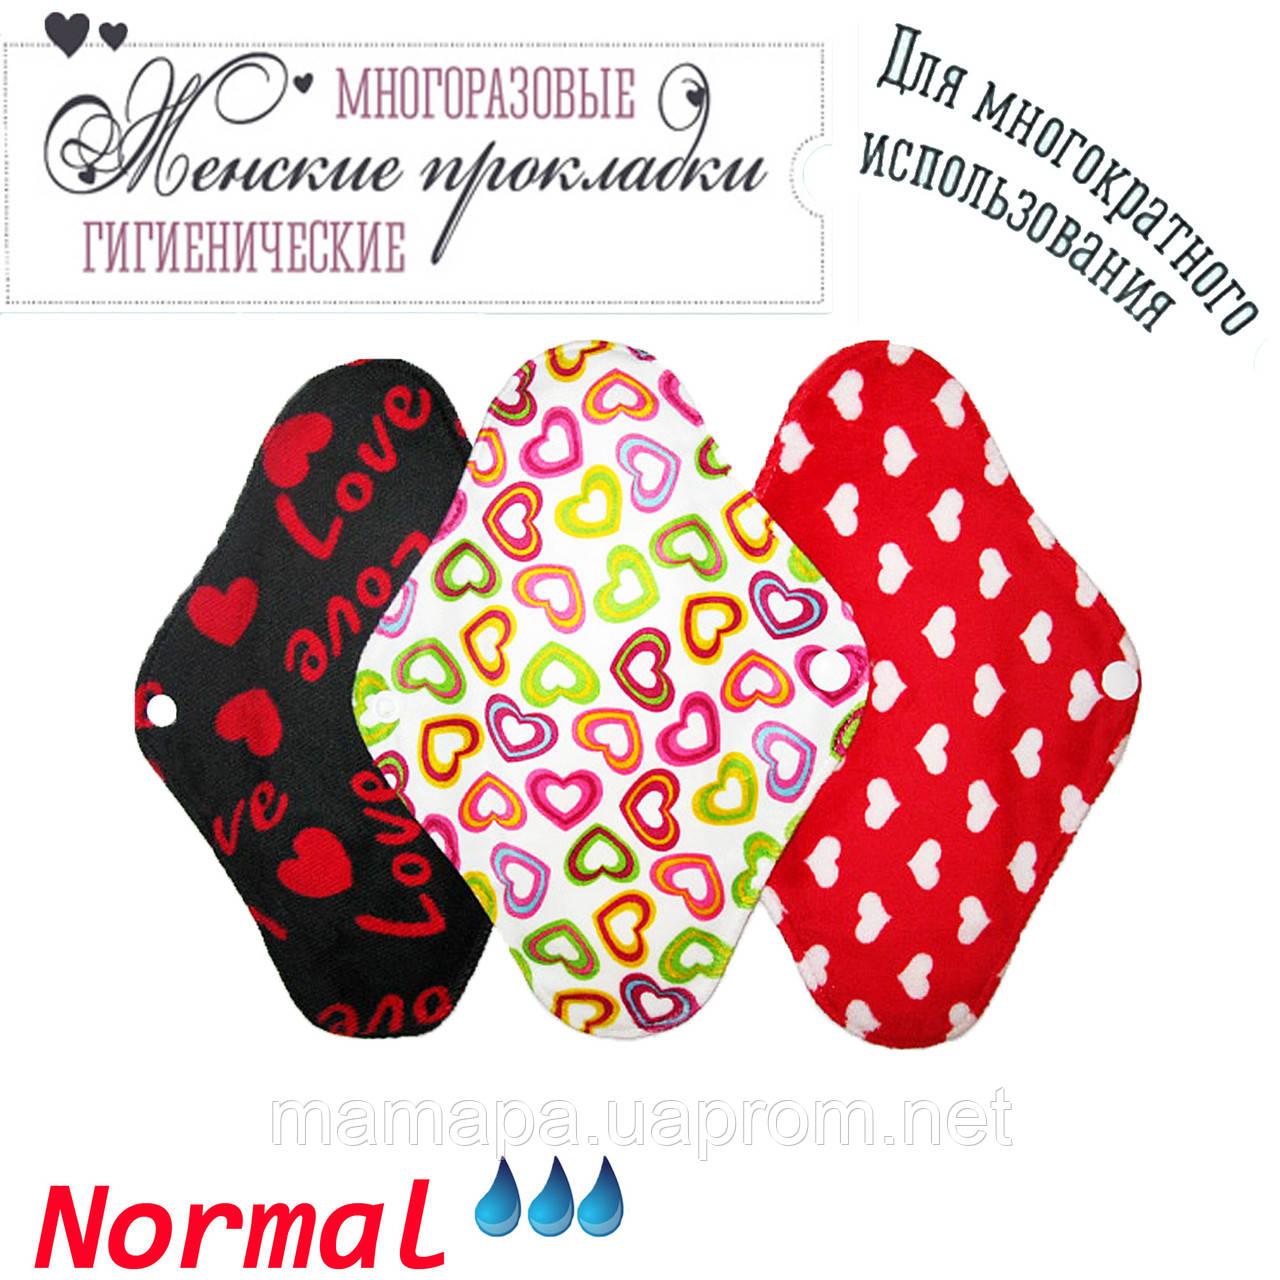 309d55481295 Многоразовые прокладки разноцветные NORMAL VELOUR-3 3шт бамбук угольный,  непромокаемые, дышащие